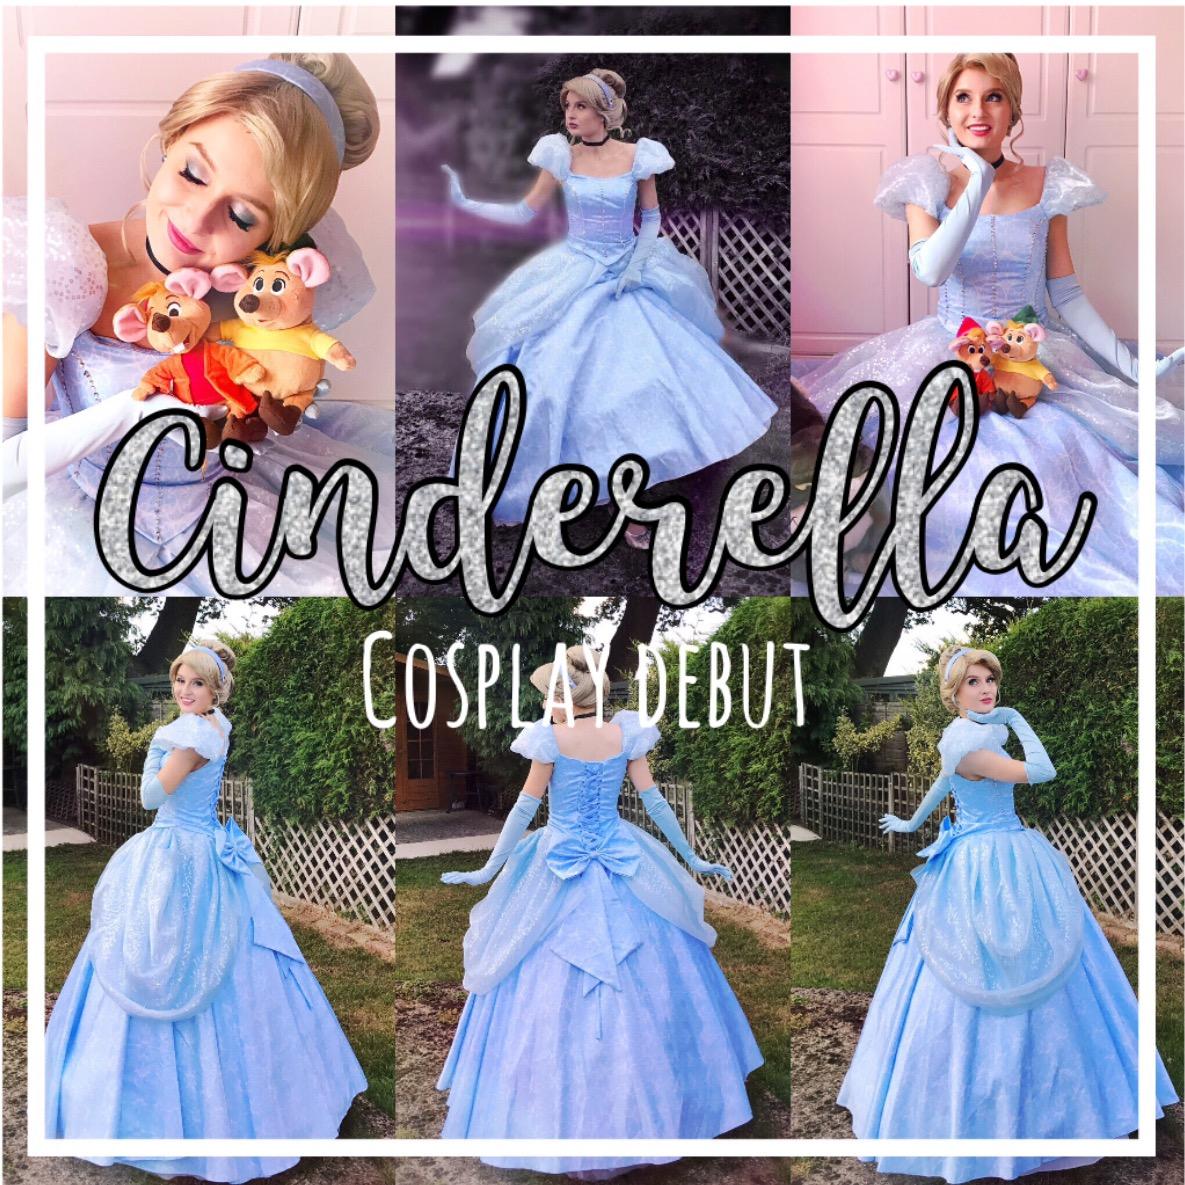 Cinderella Cosplay Debut